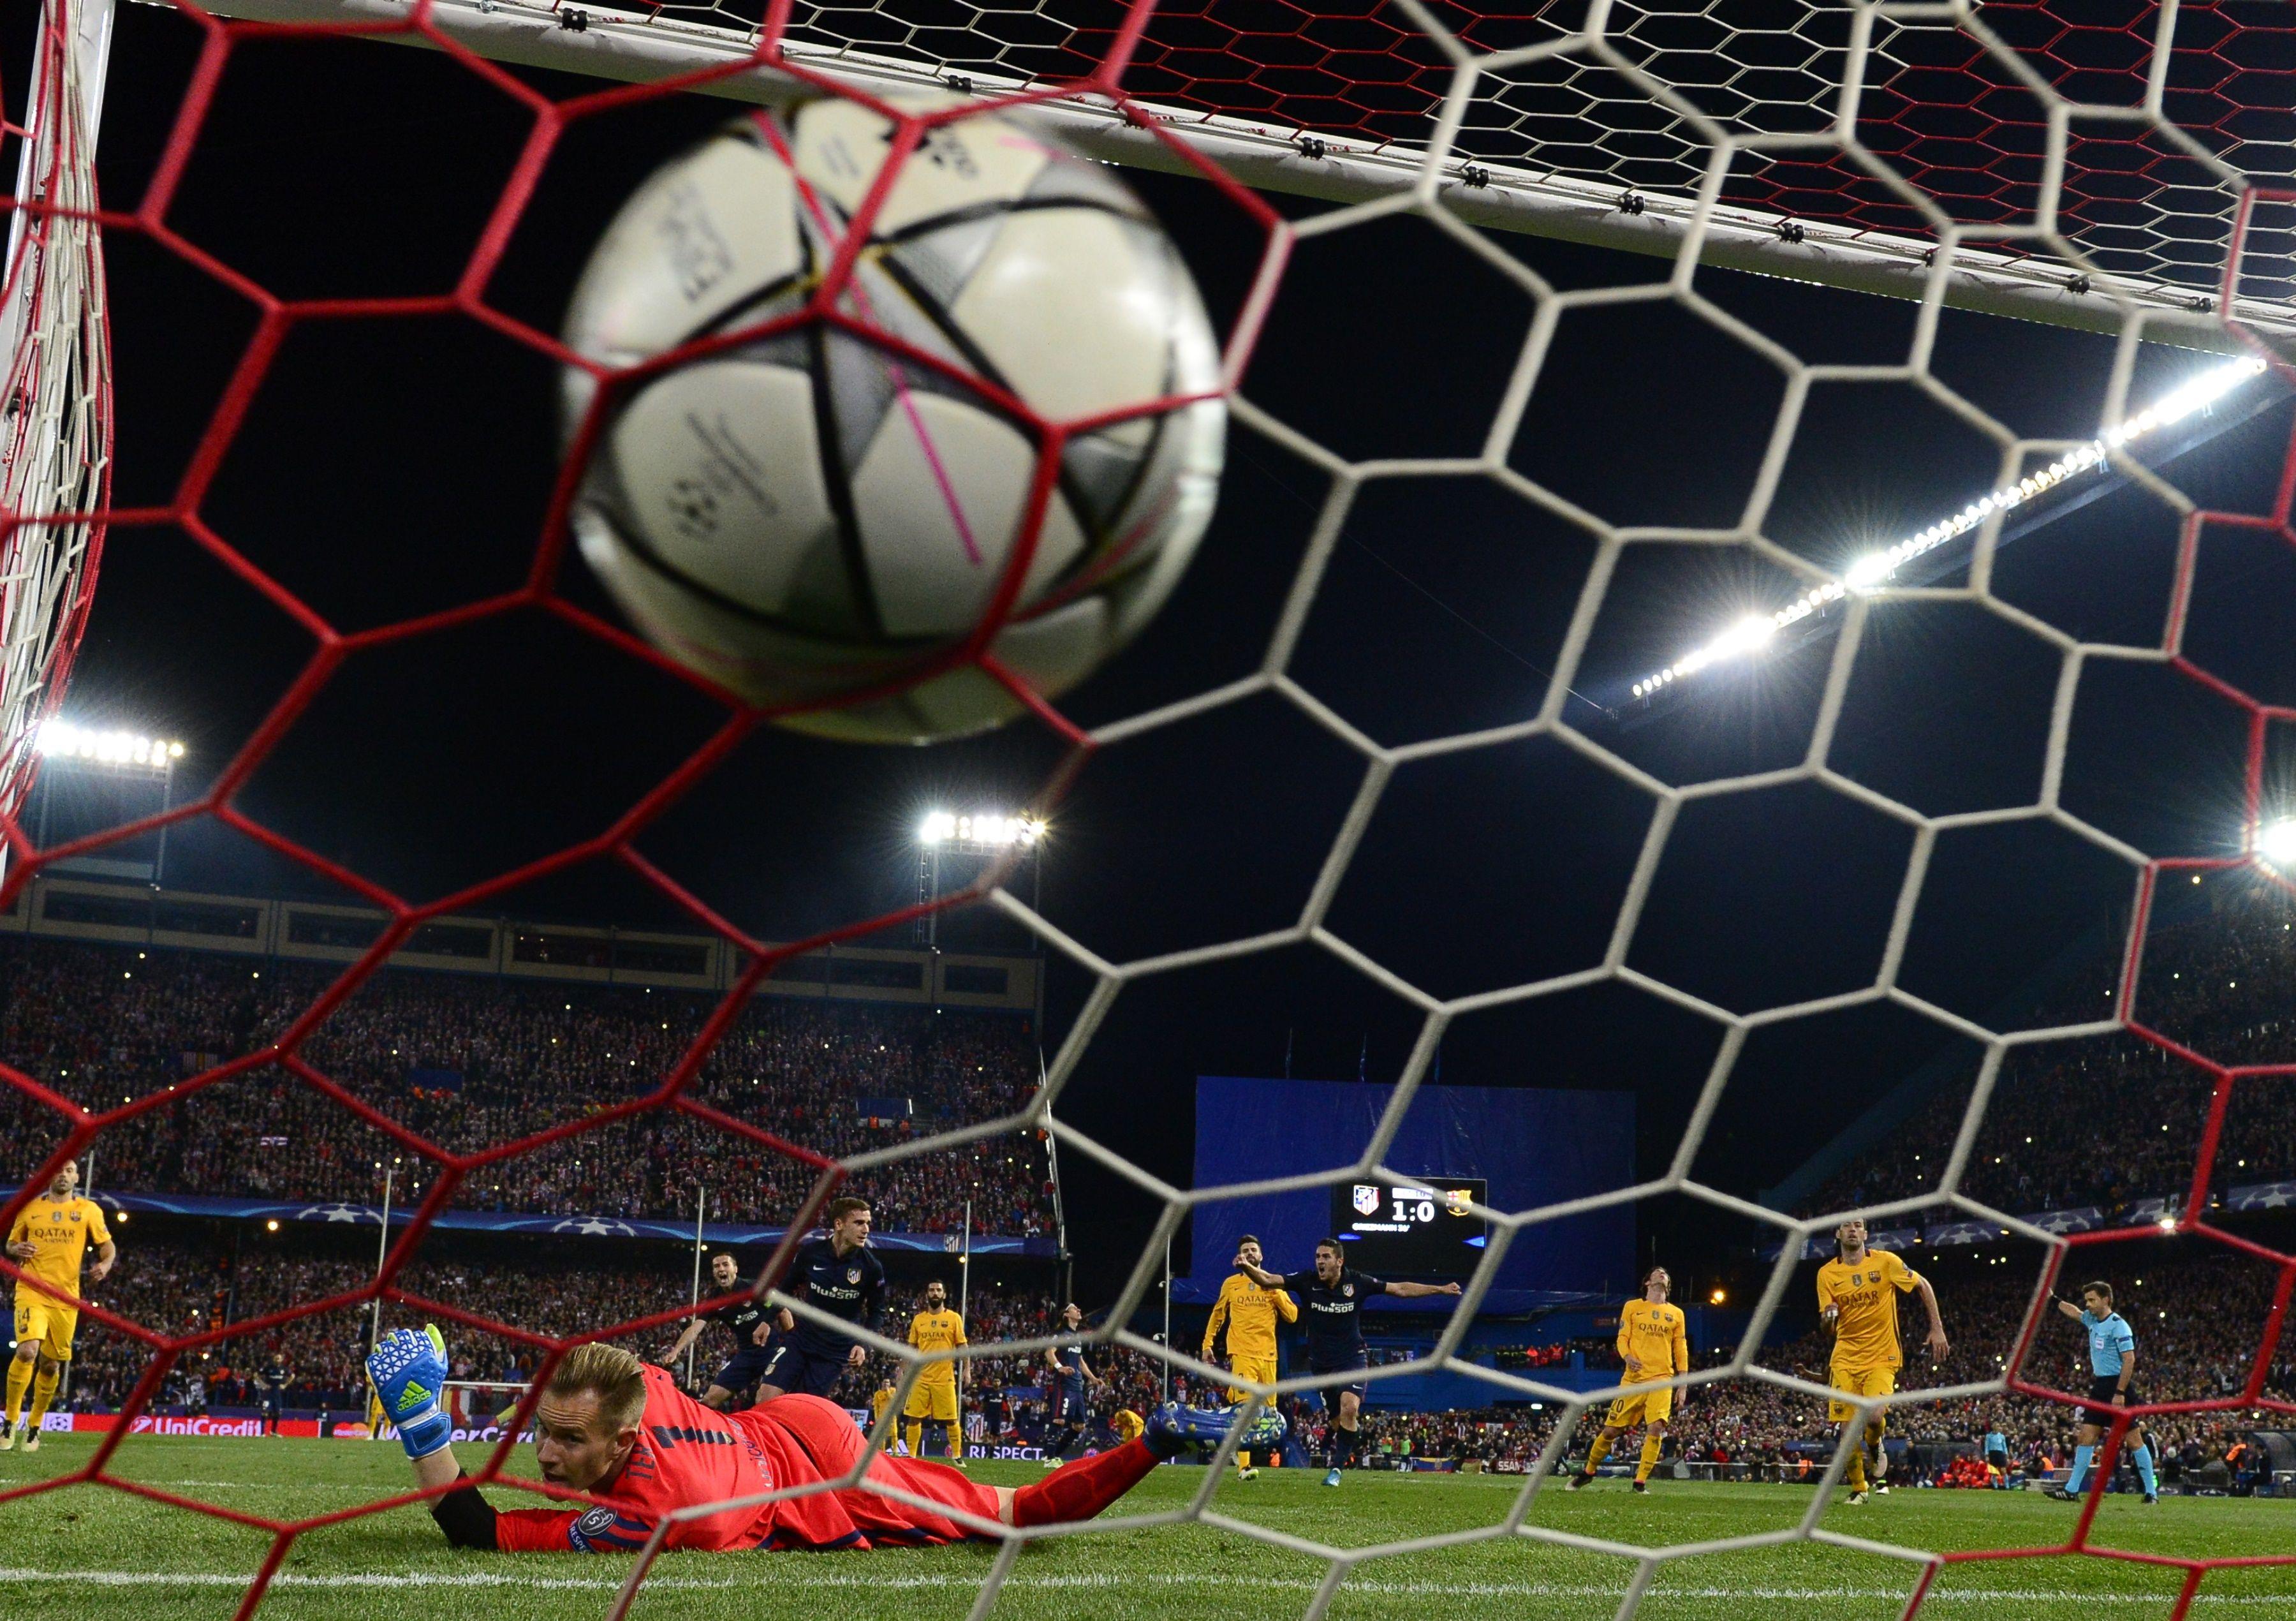 بقيادة الجنرال سيميوني..أتلتيكو مدريد يقصي برشلونة من دوري الأبطال